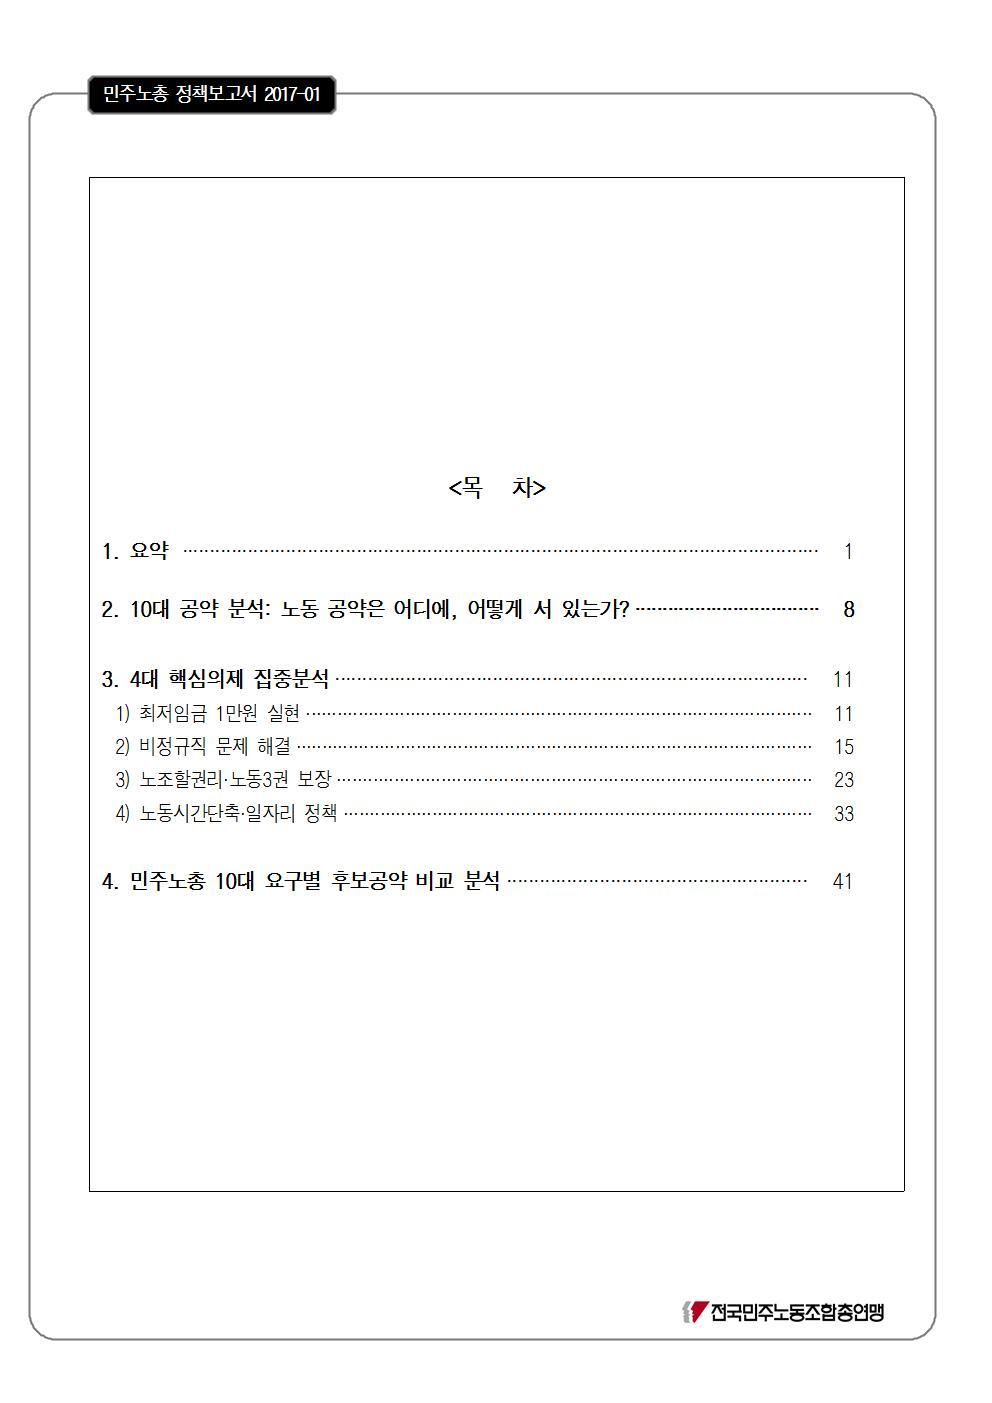 [민주노총_정책보고서_02]19대대선후보공약비교평가(최종)002.jpg